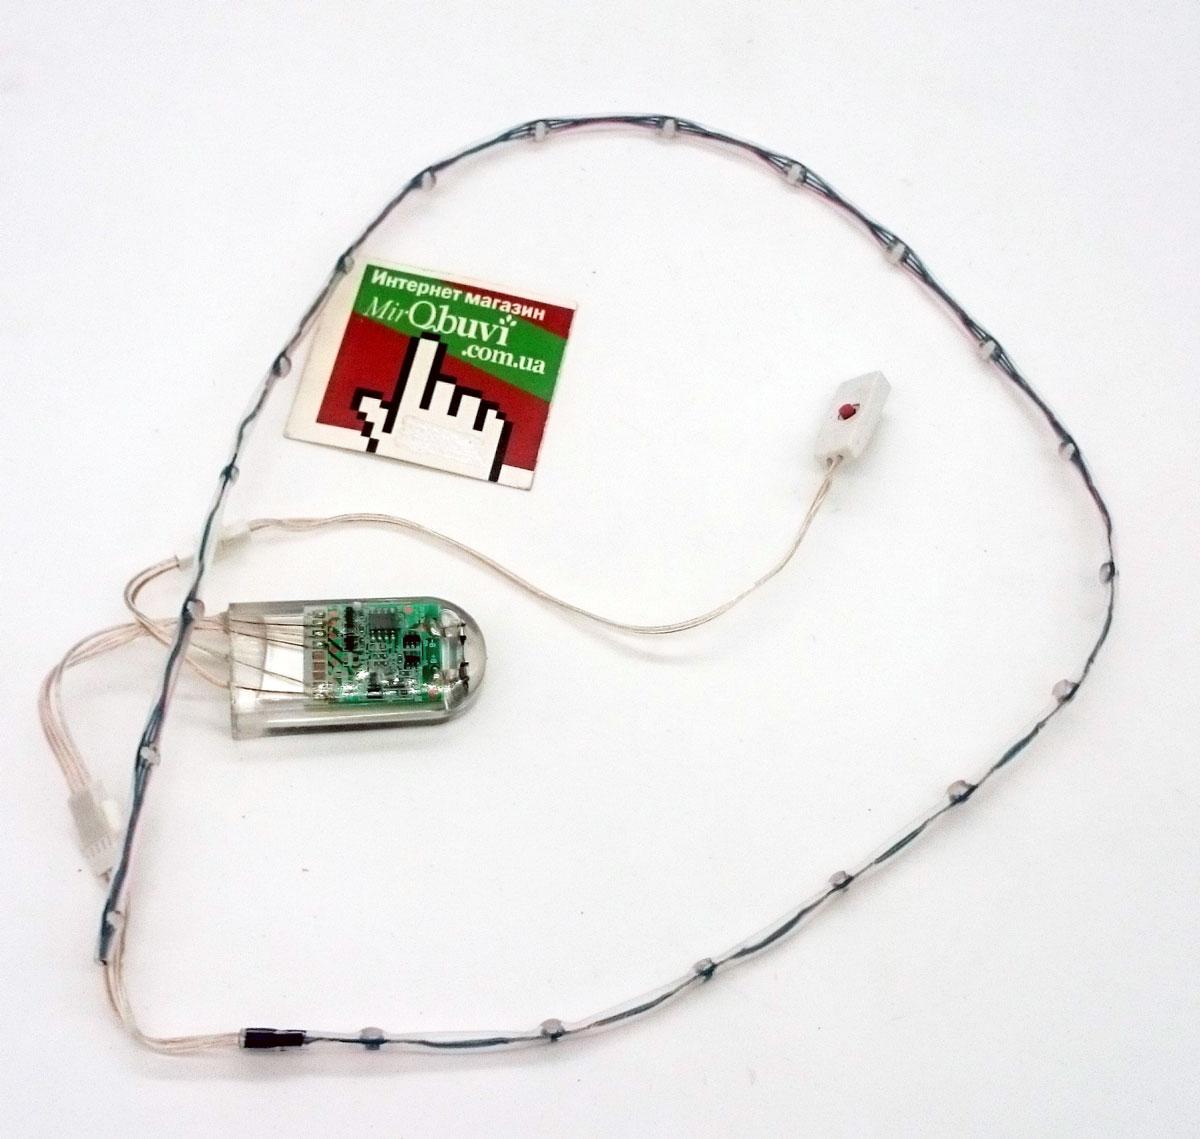 фото main Комплект светодиодной ленты с повышенной гибкостью для led кроссовок  main